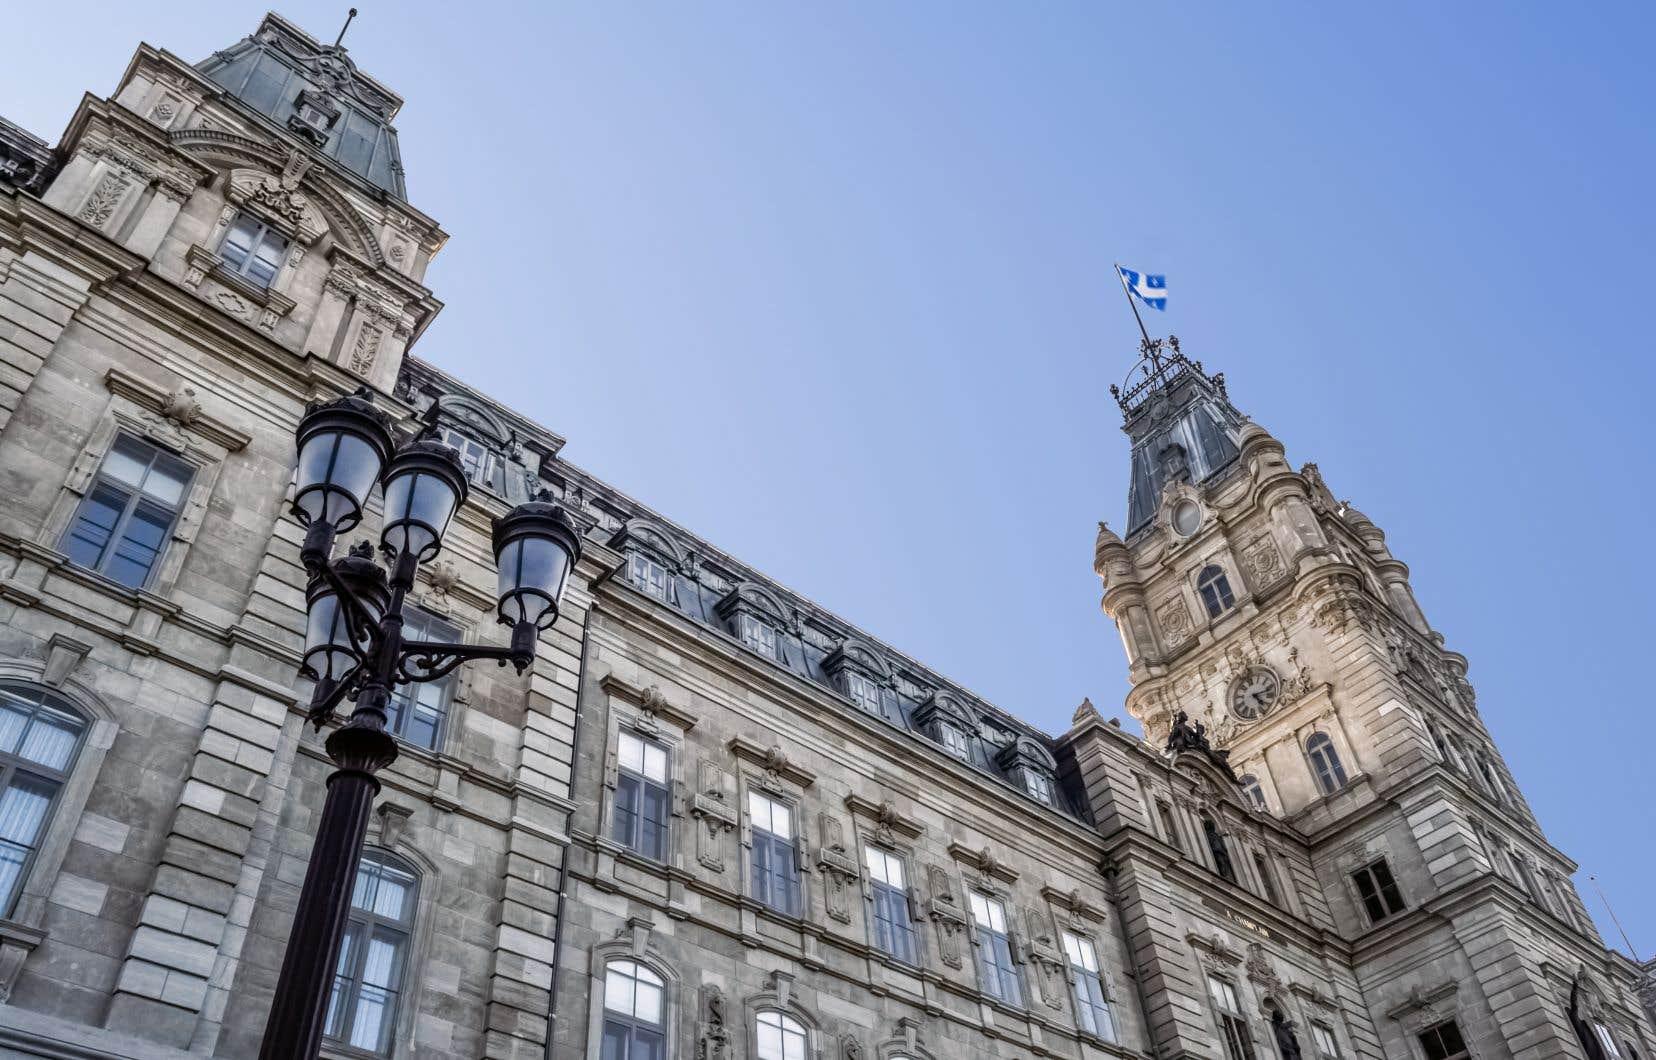 Les employés du gouvernement québécois gagnent en moyenne 23,5% de moins que ceux des institutions fédérales et des autres secteurs public.